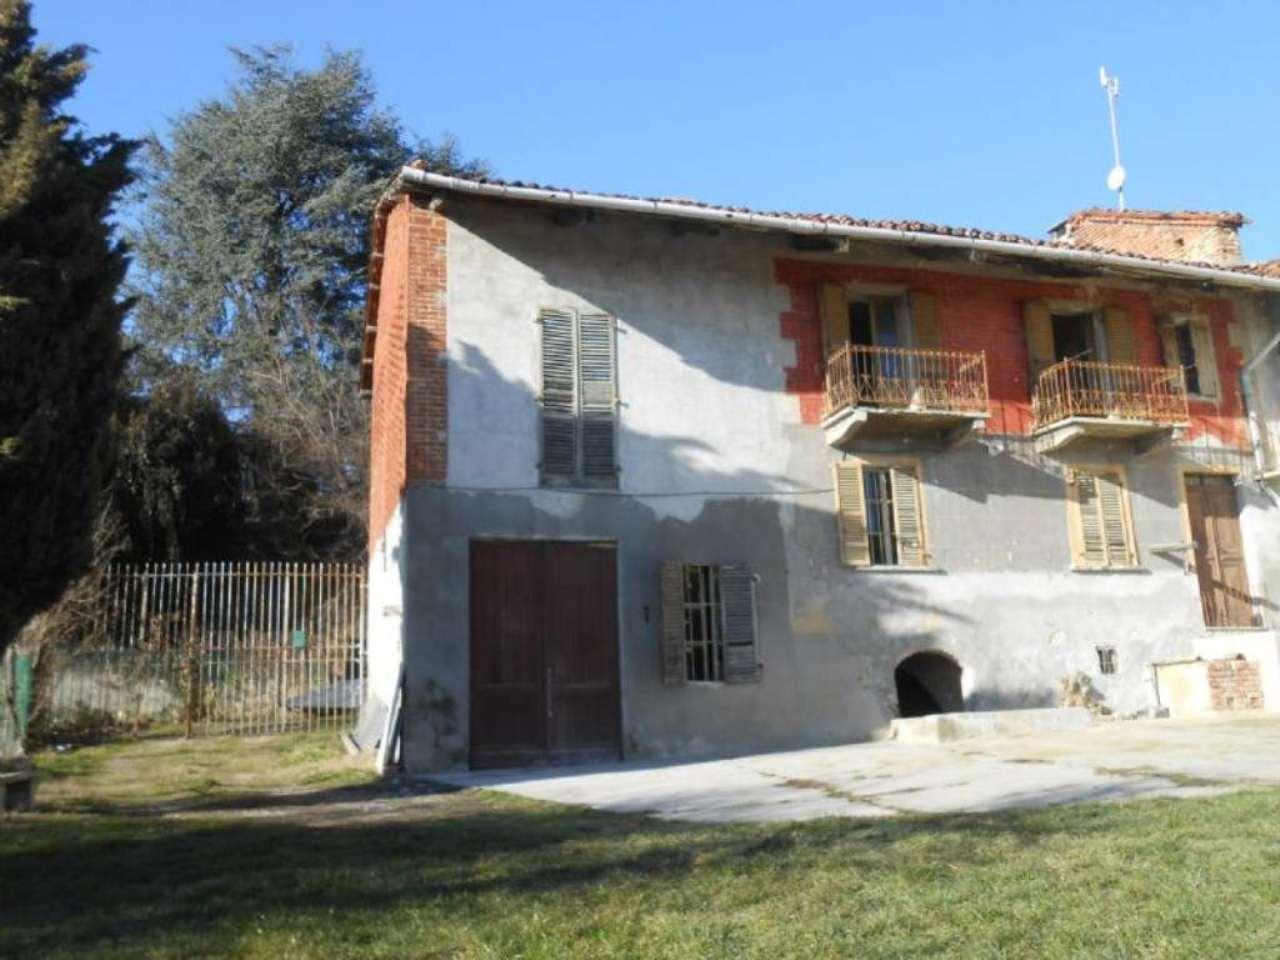 Rustico / Casale in vendita a Passerano Marmorito, 6 locali, prezzo € 48.000 | Cambio Casa.it